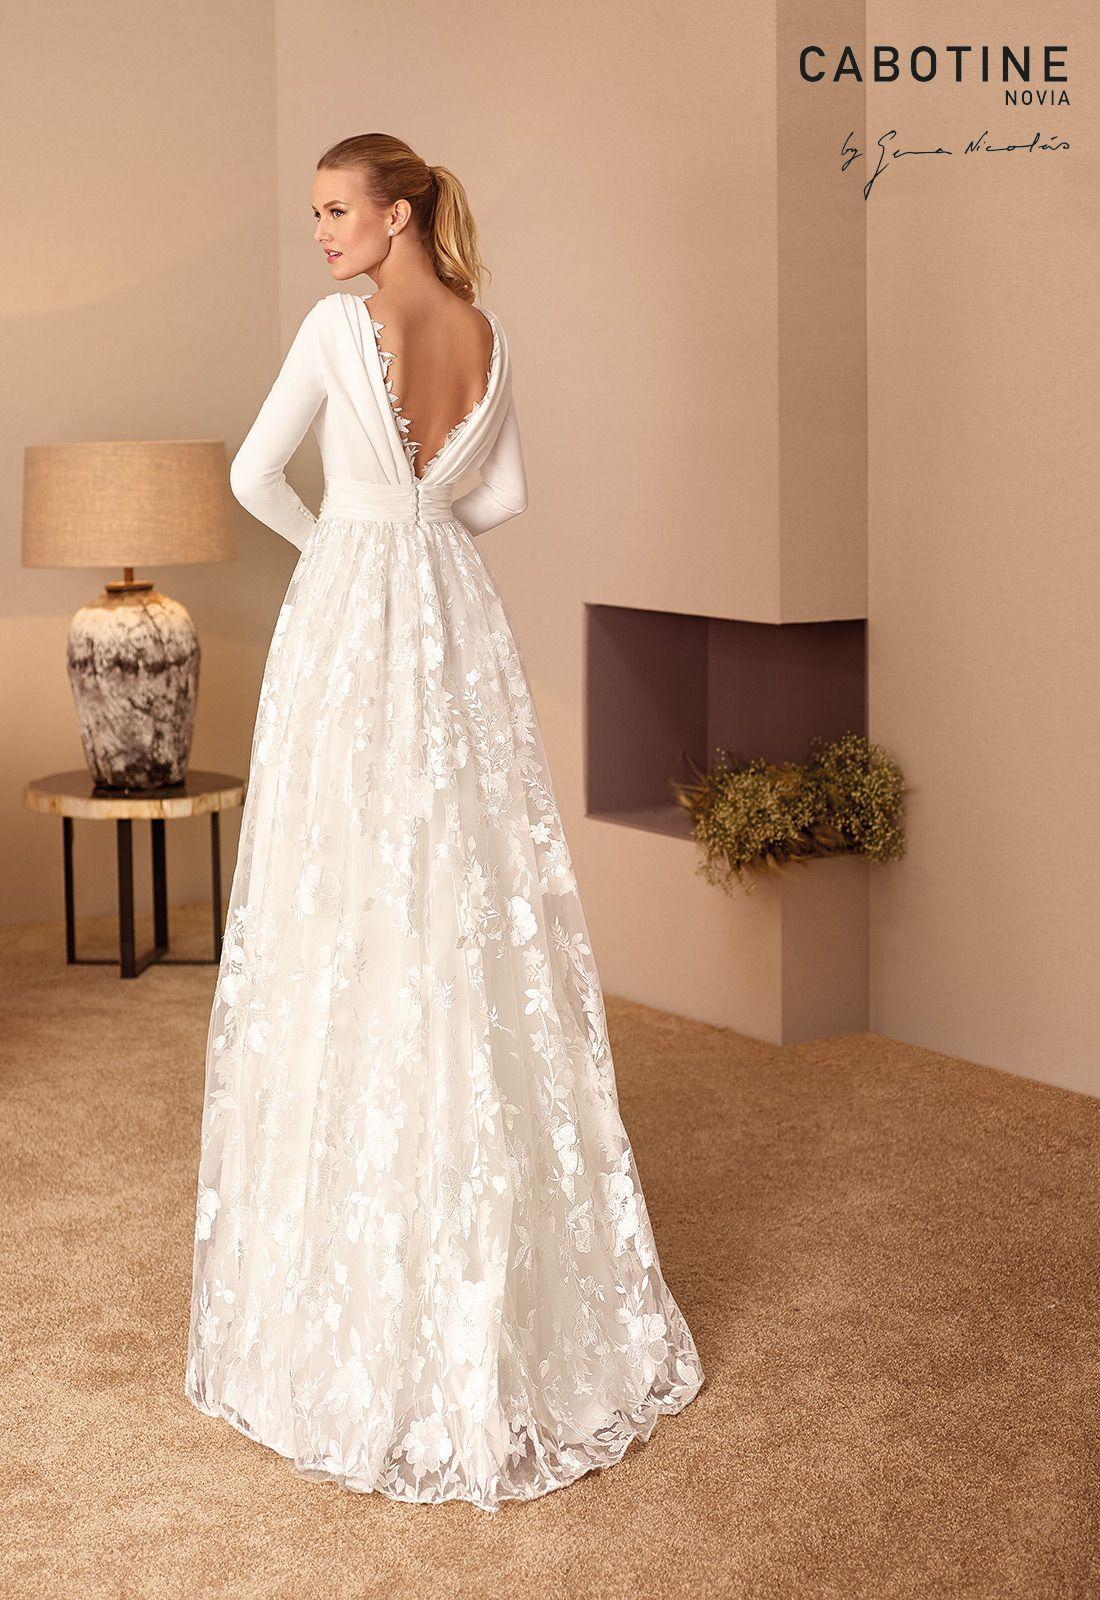 Vestidos de novia cabotine 2019